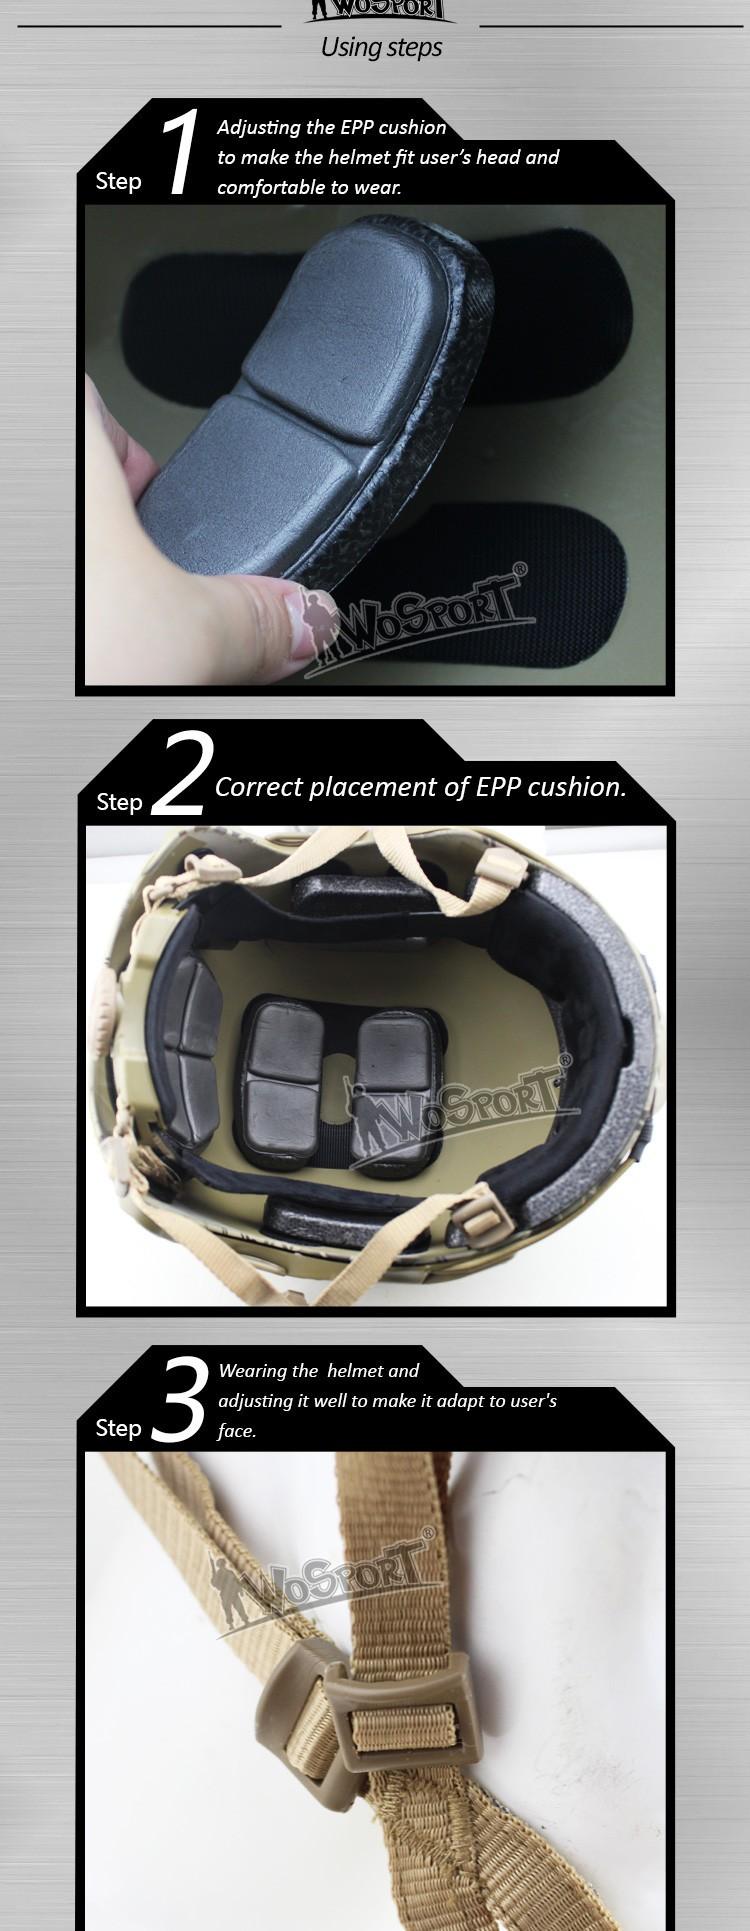 Cepat Standar Keselamatan Helm Tentara Militer Taktis Penutup Mercedes Benz Cls 400 Tahun 2015 Karpet Mobil Comfort Deluxe 12mm Car Mat Full Set 7 8